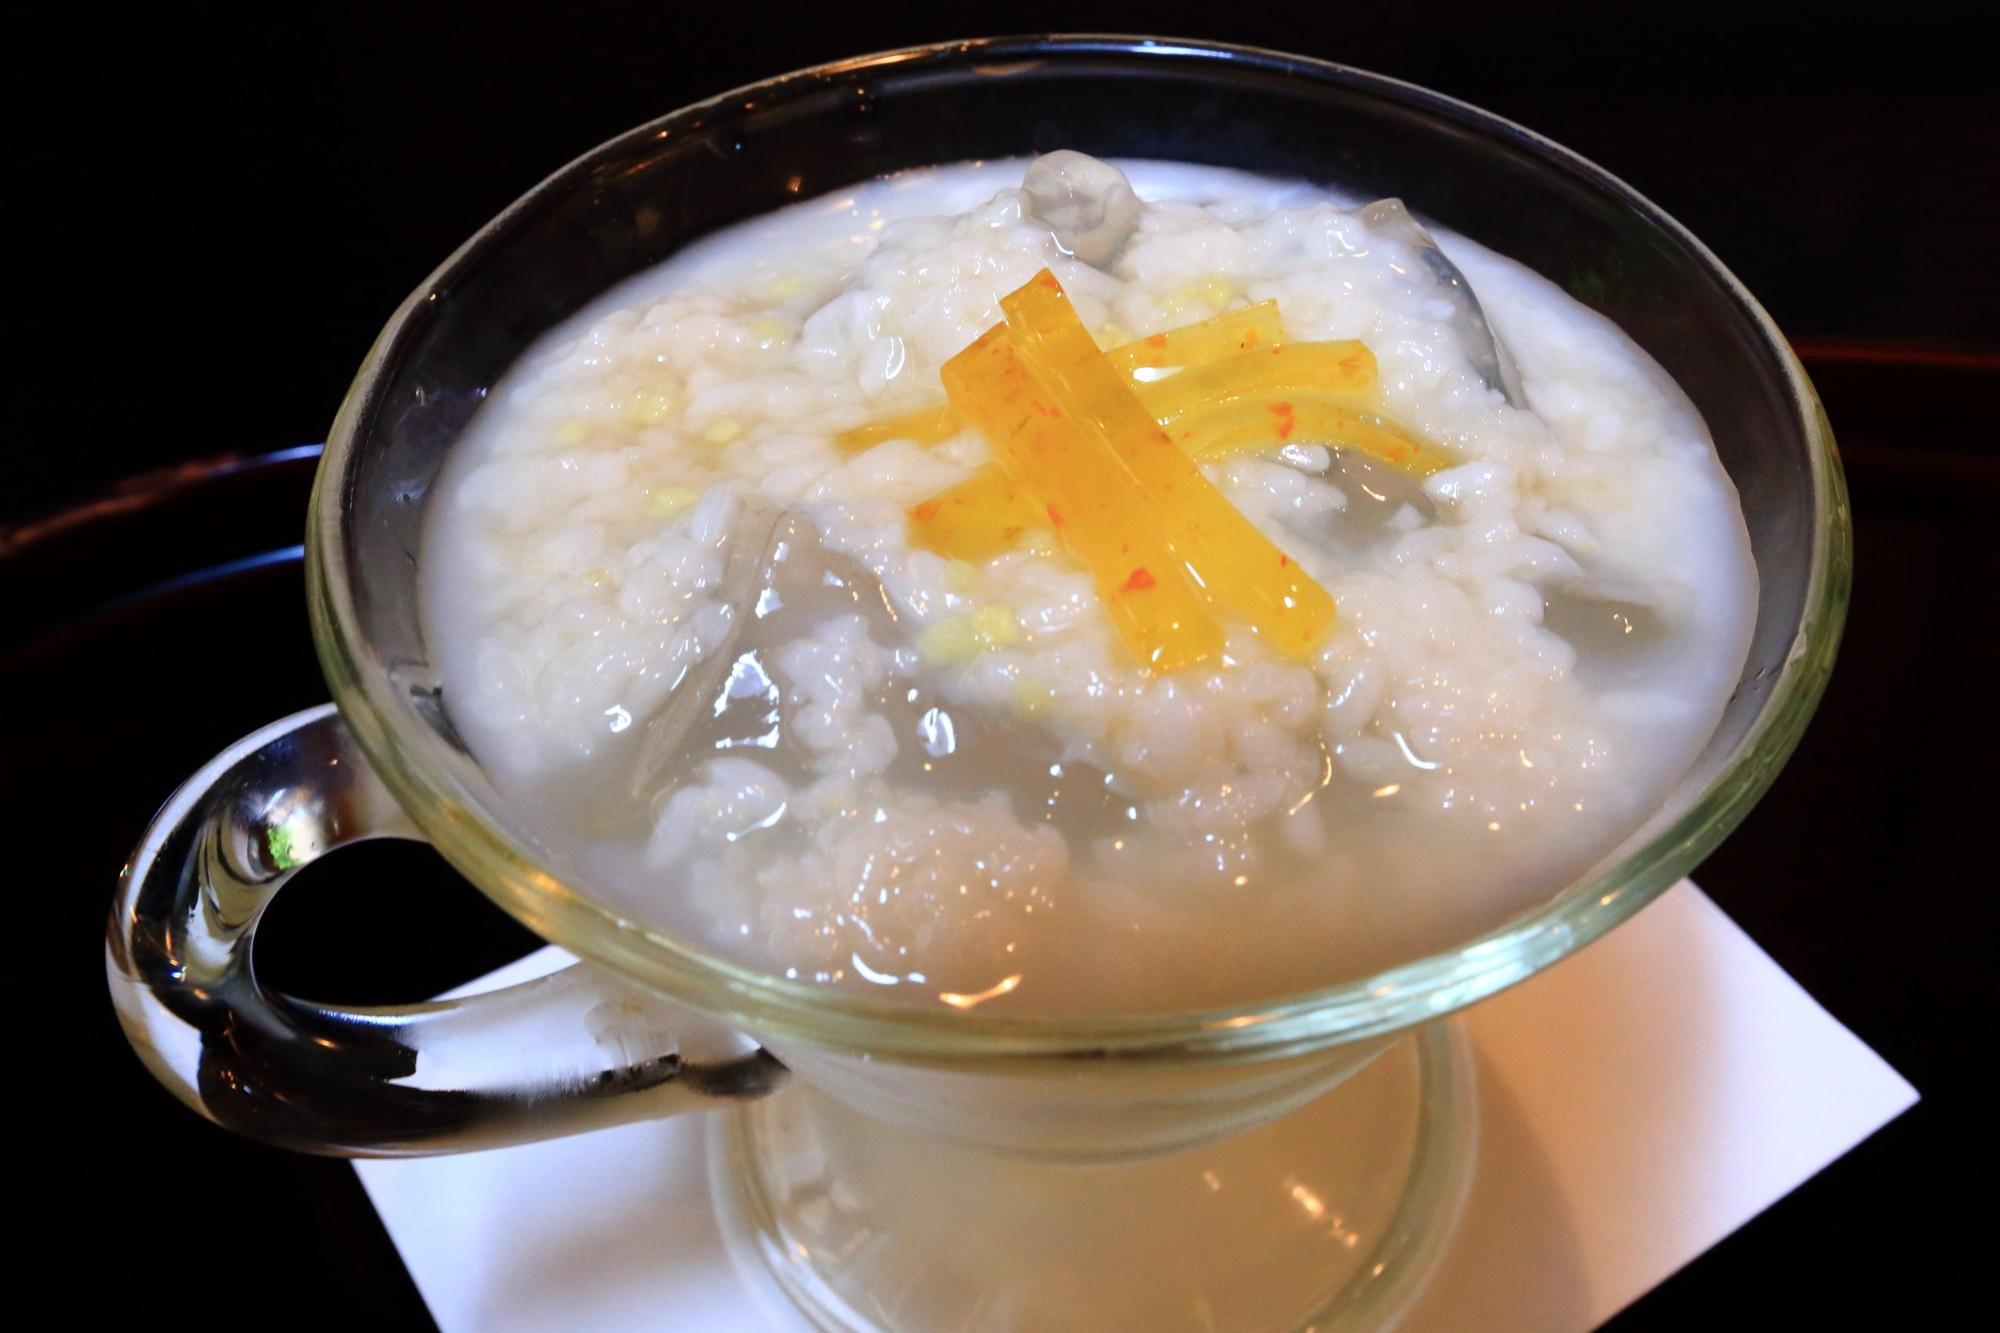 生姜のきいた和風な味付けの甘酒の琥珀流し